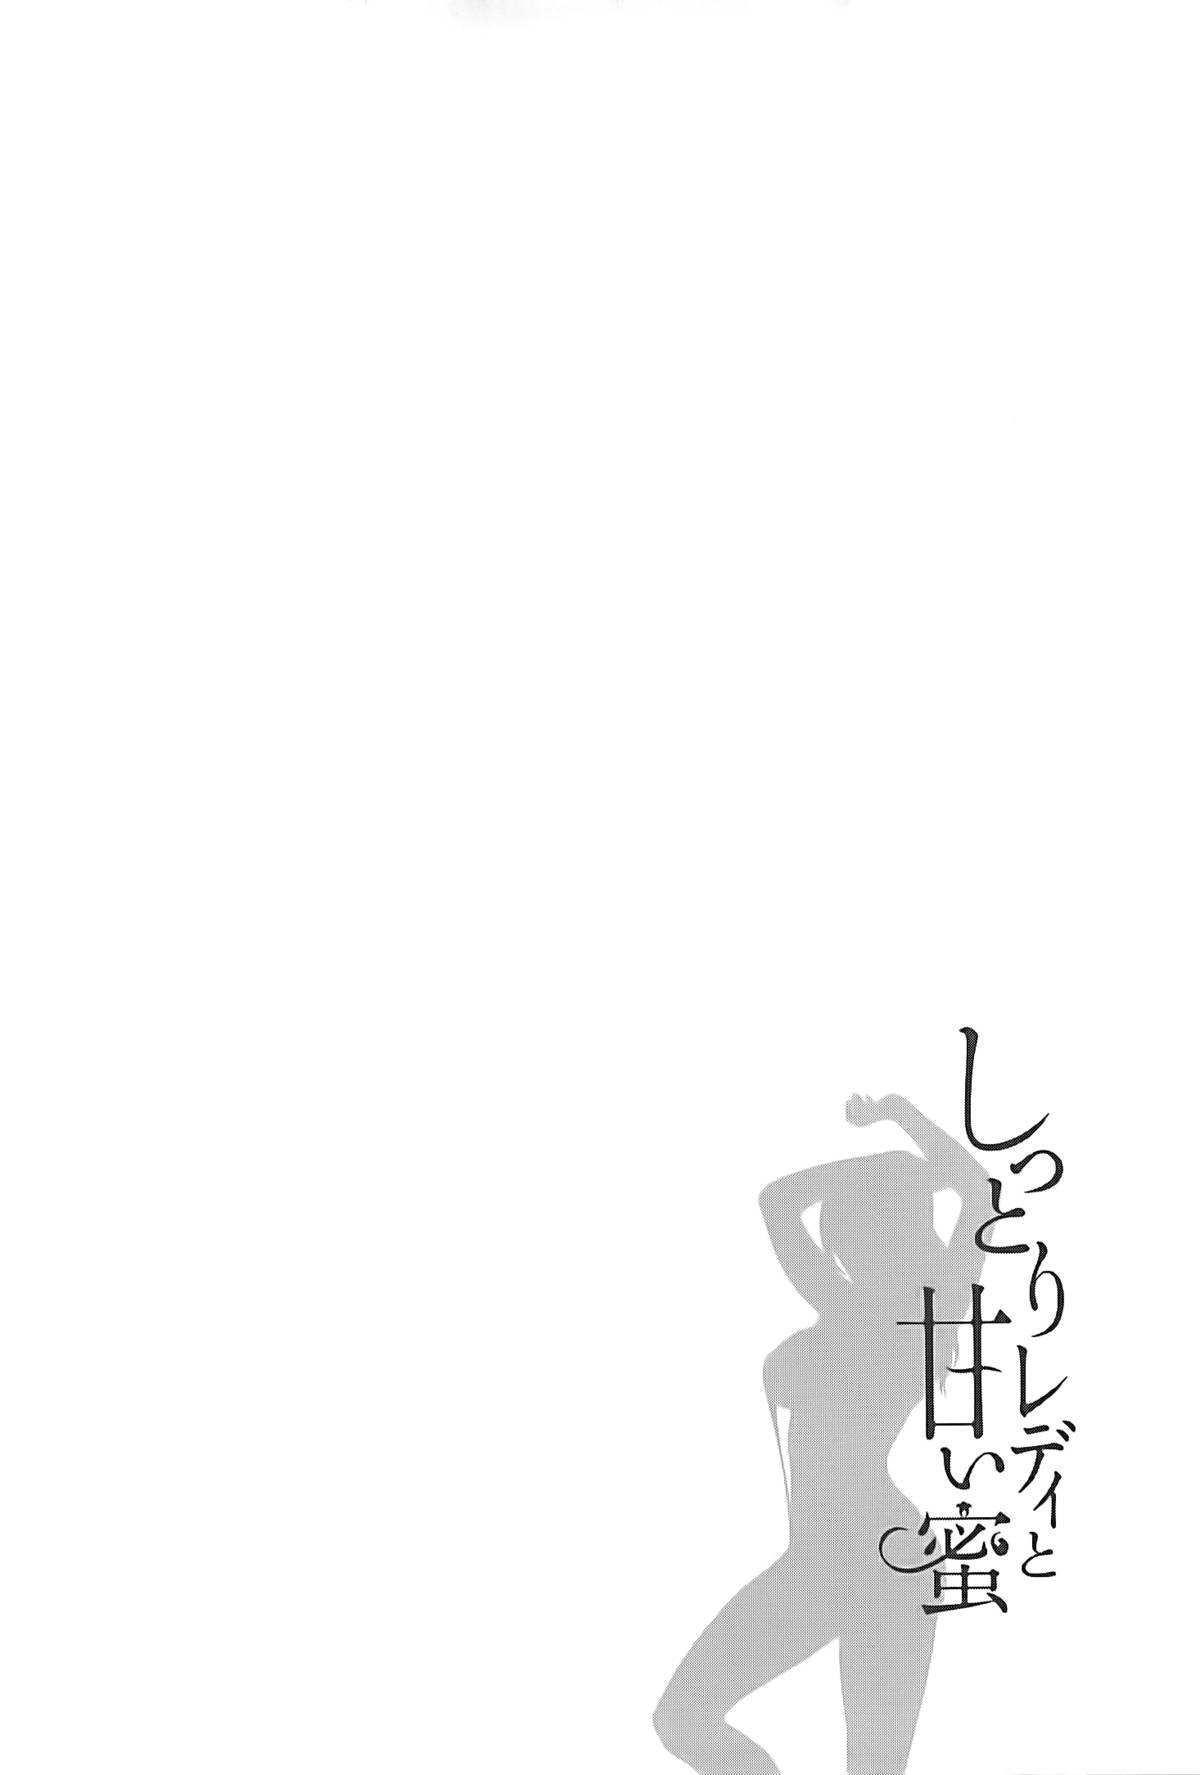 Shittori Lady to Amai Mitsu 83